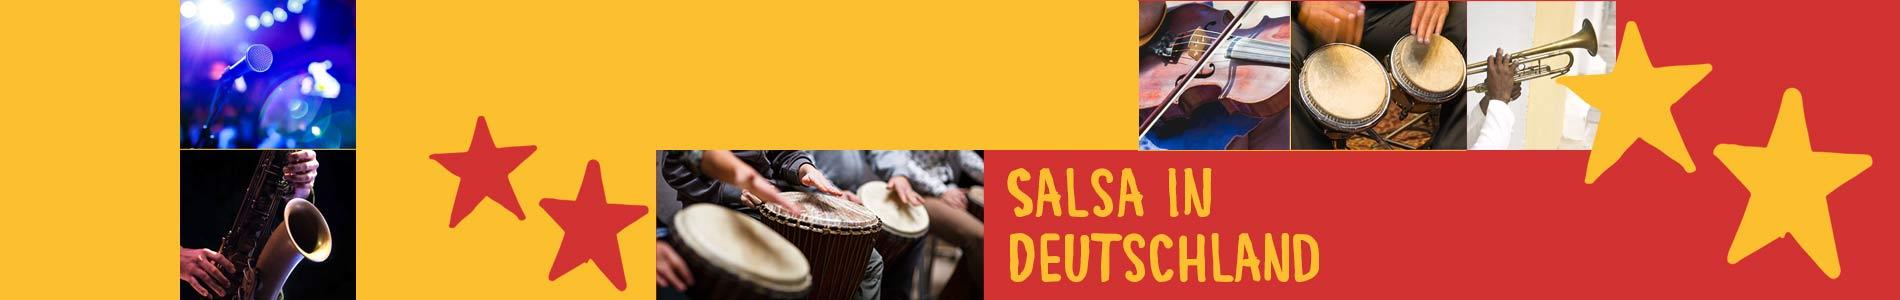 Salsa in Buchbrunn – Salsa lernen und tanzen, Tanzkurse, Partys, Veranstaltungen